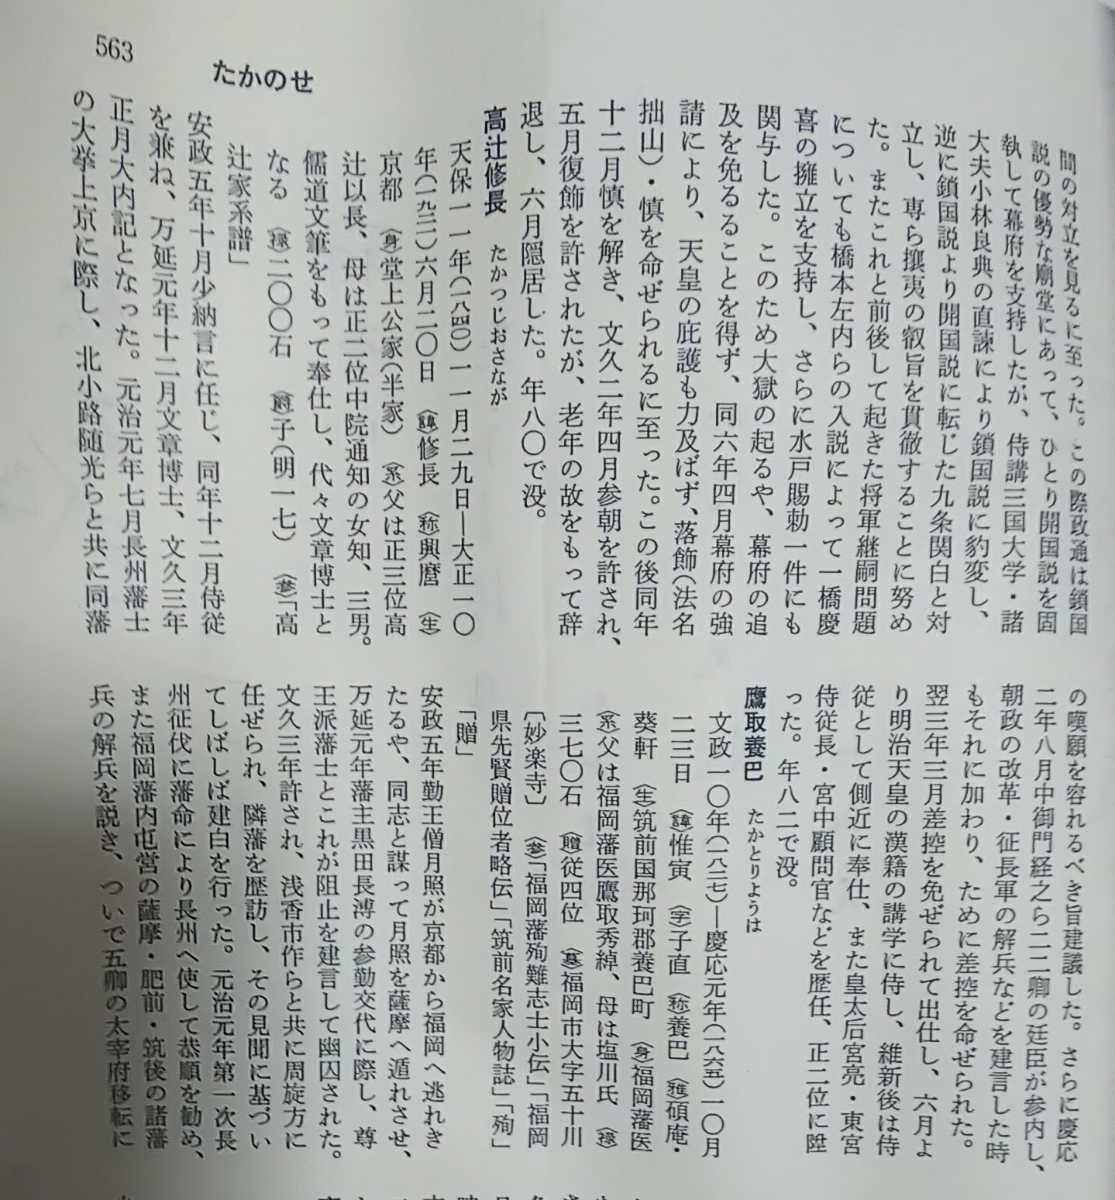 団 岩倉 メンバー 使節